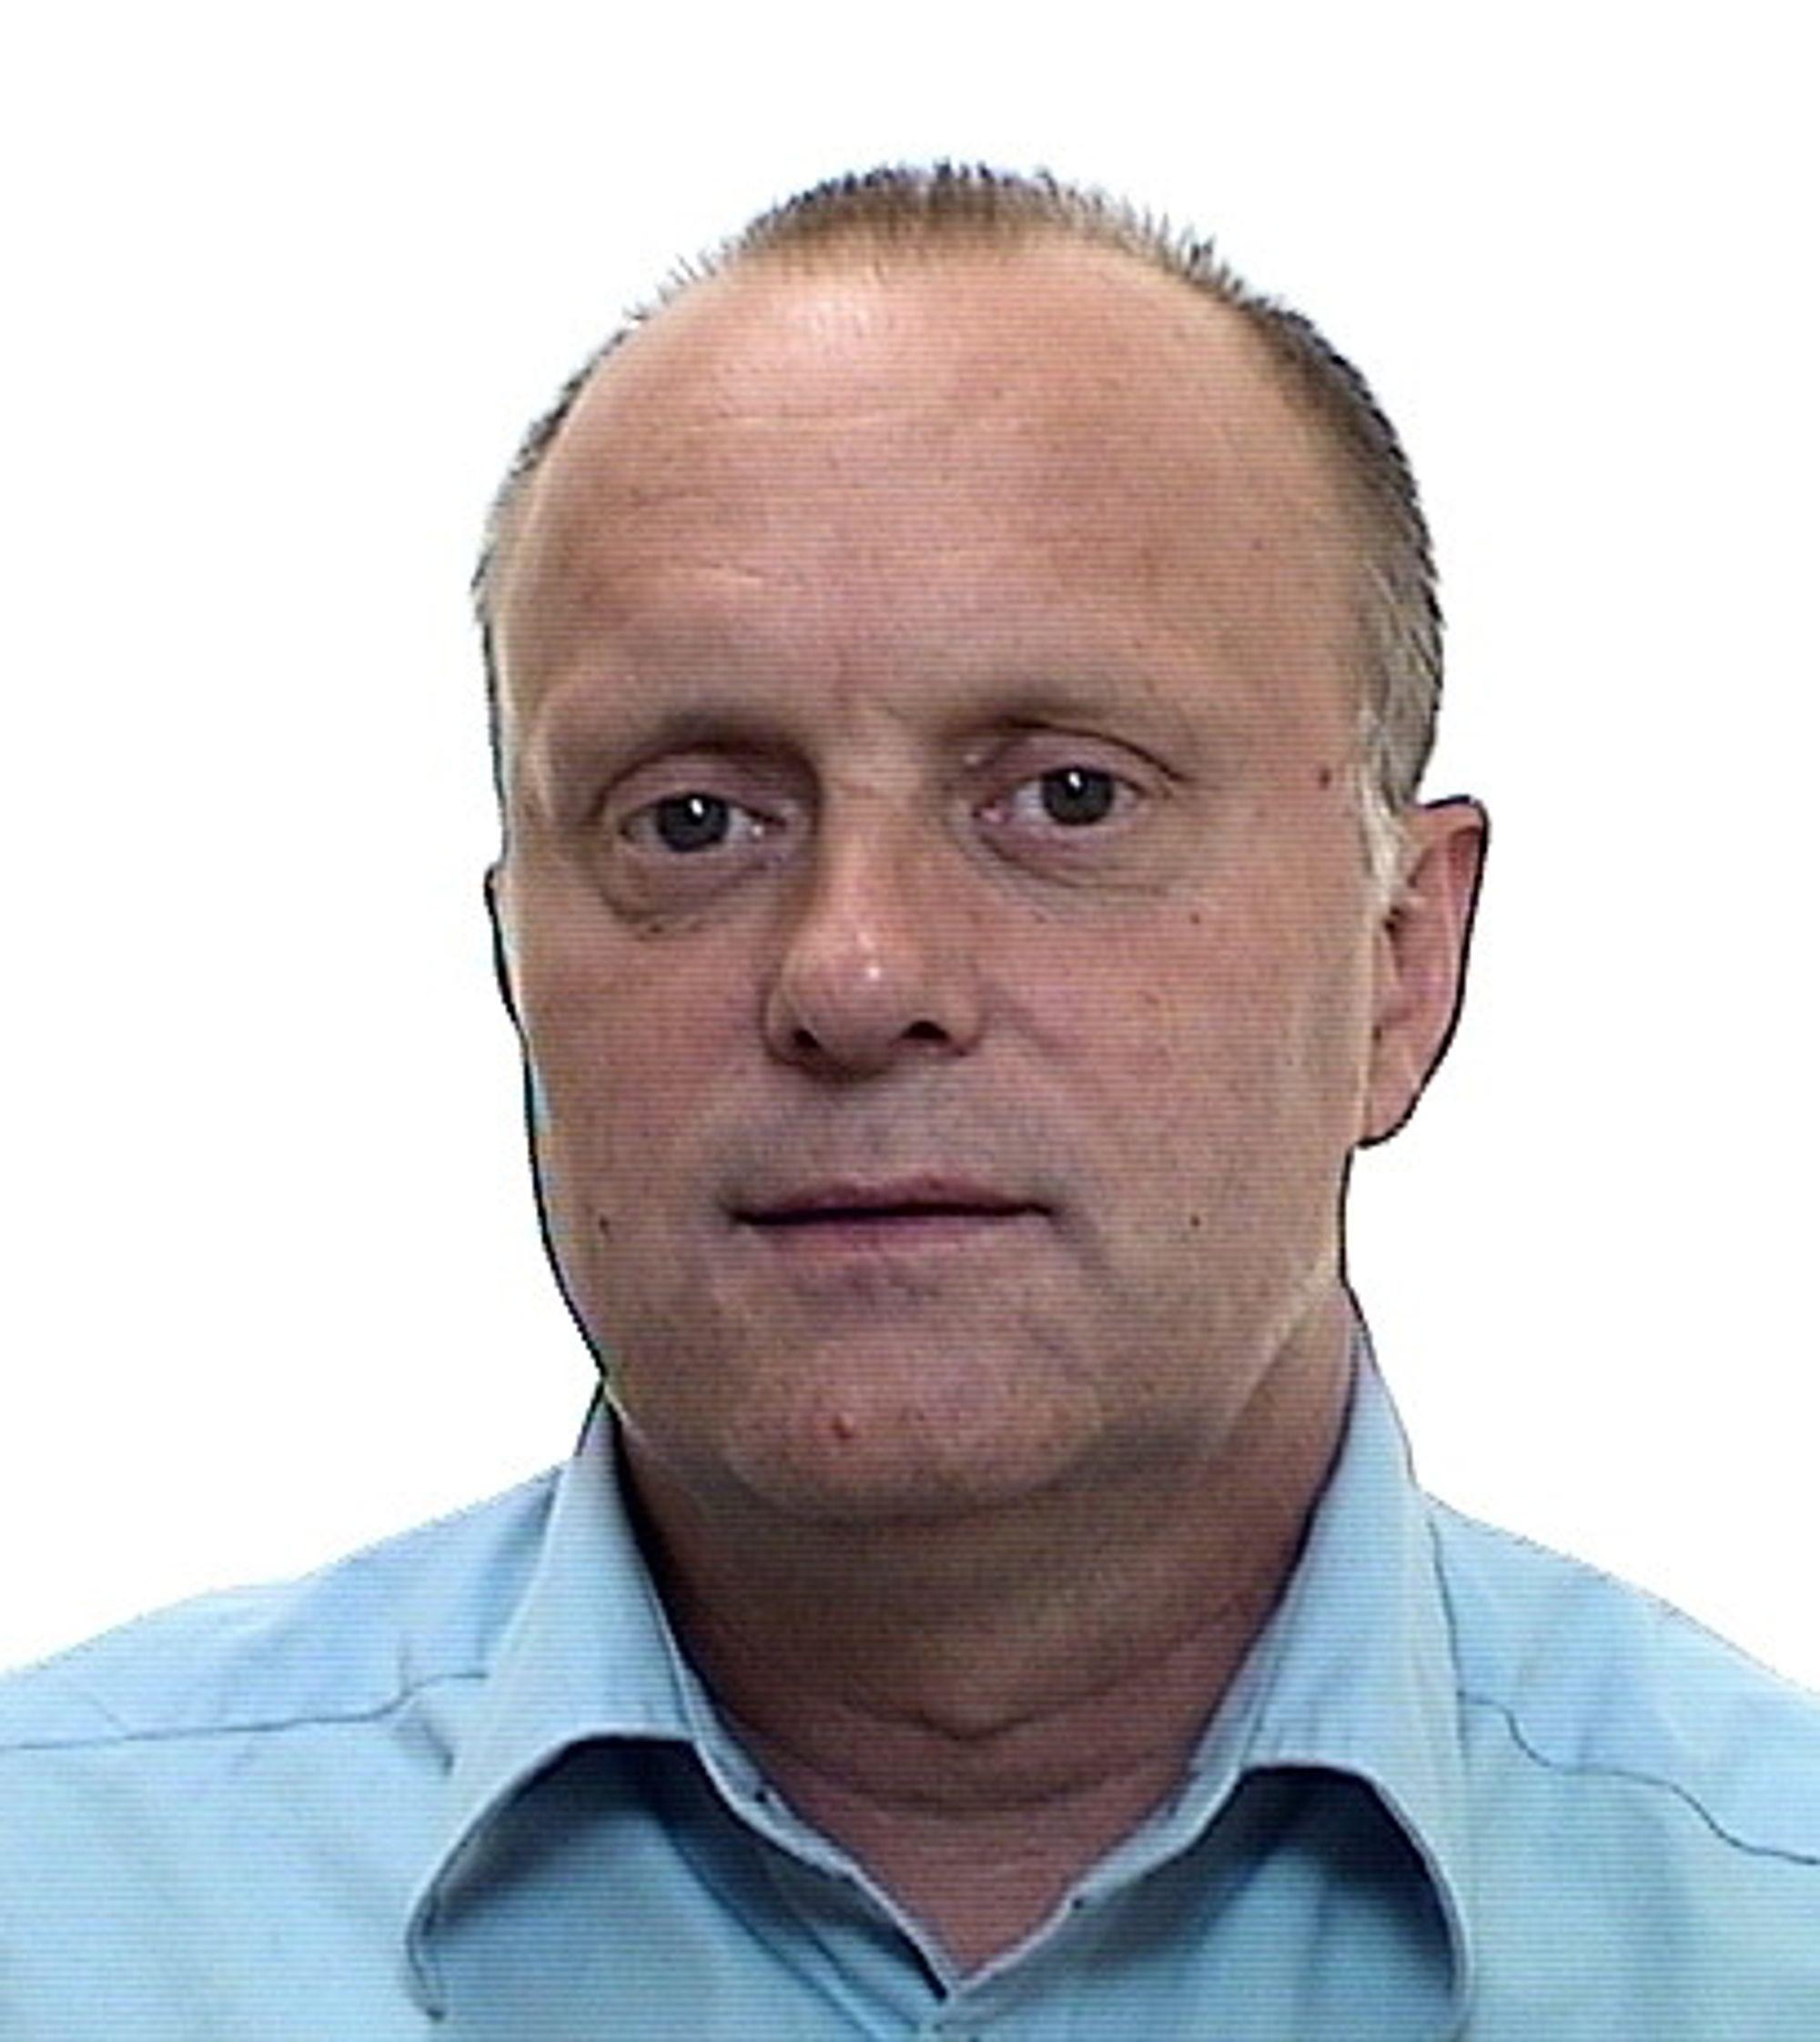 Seniorforsker Trond Bøhlerengen mener myndighetene bør få tatt stikkprøver av rundt ett hundre tak og andre lette trekonstruksjoner.